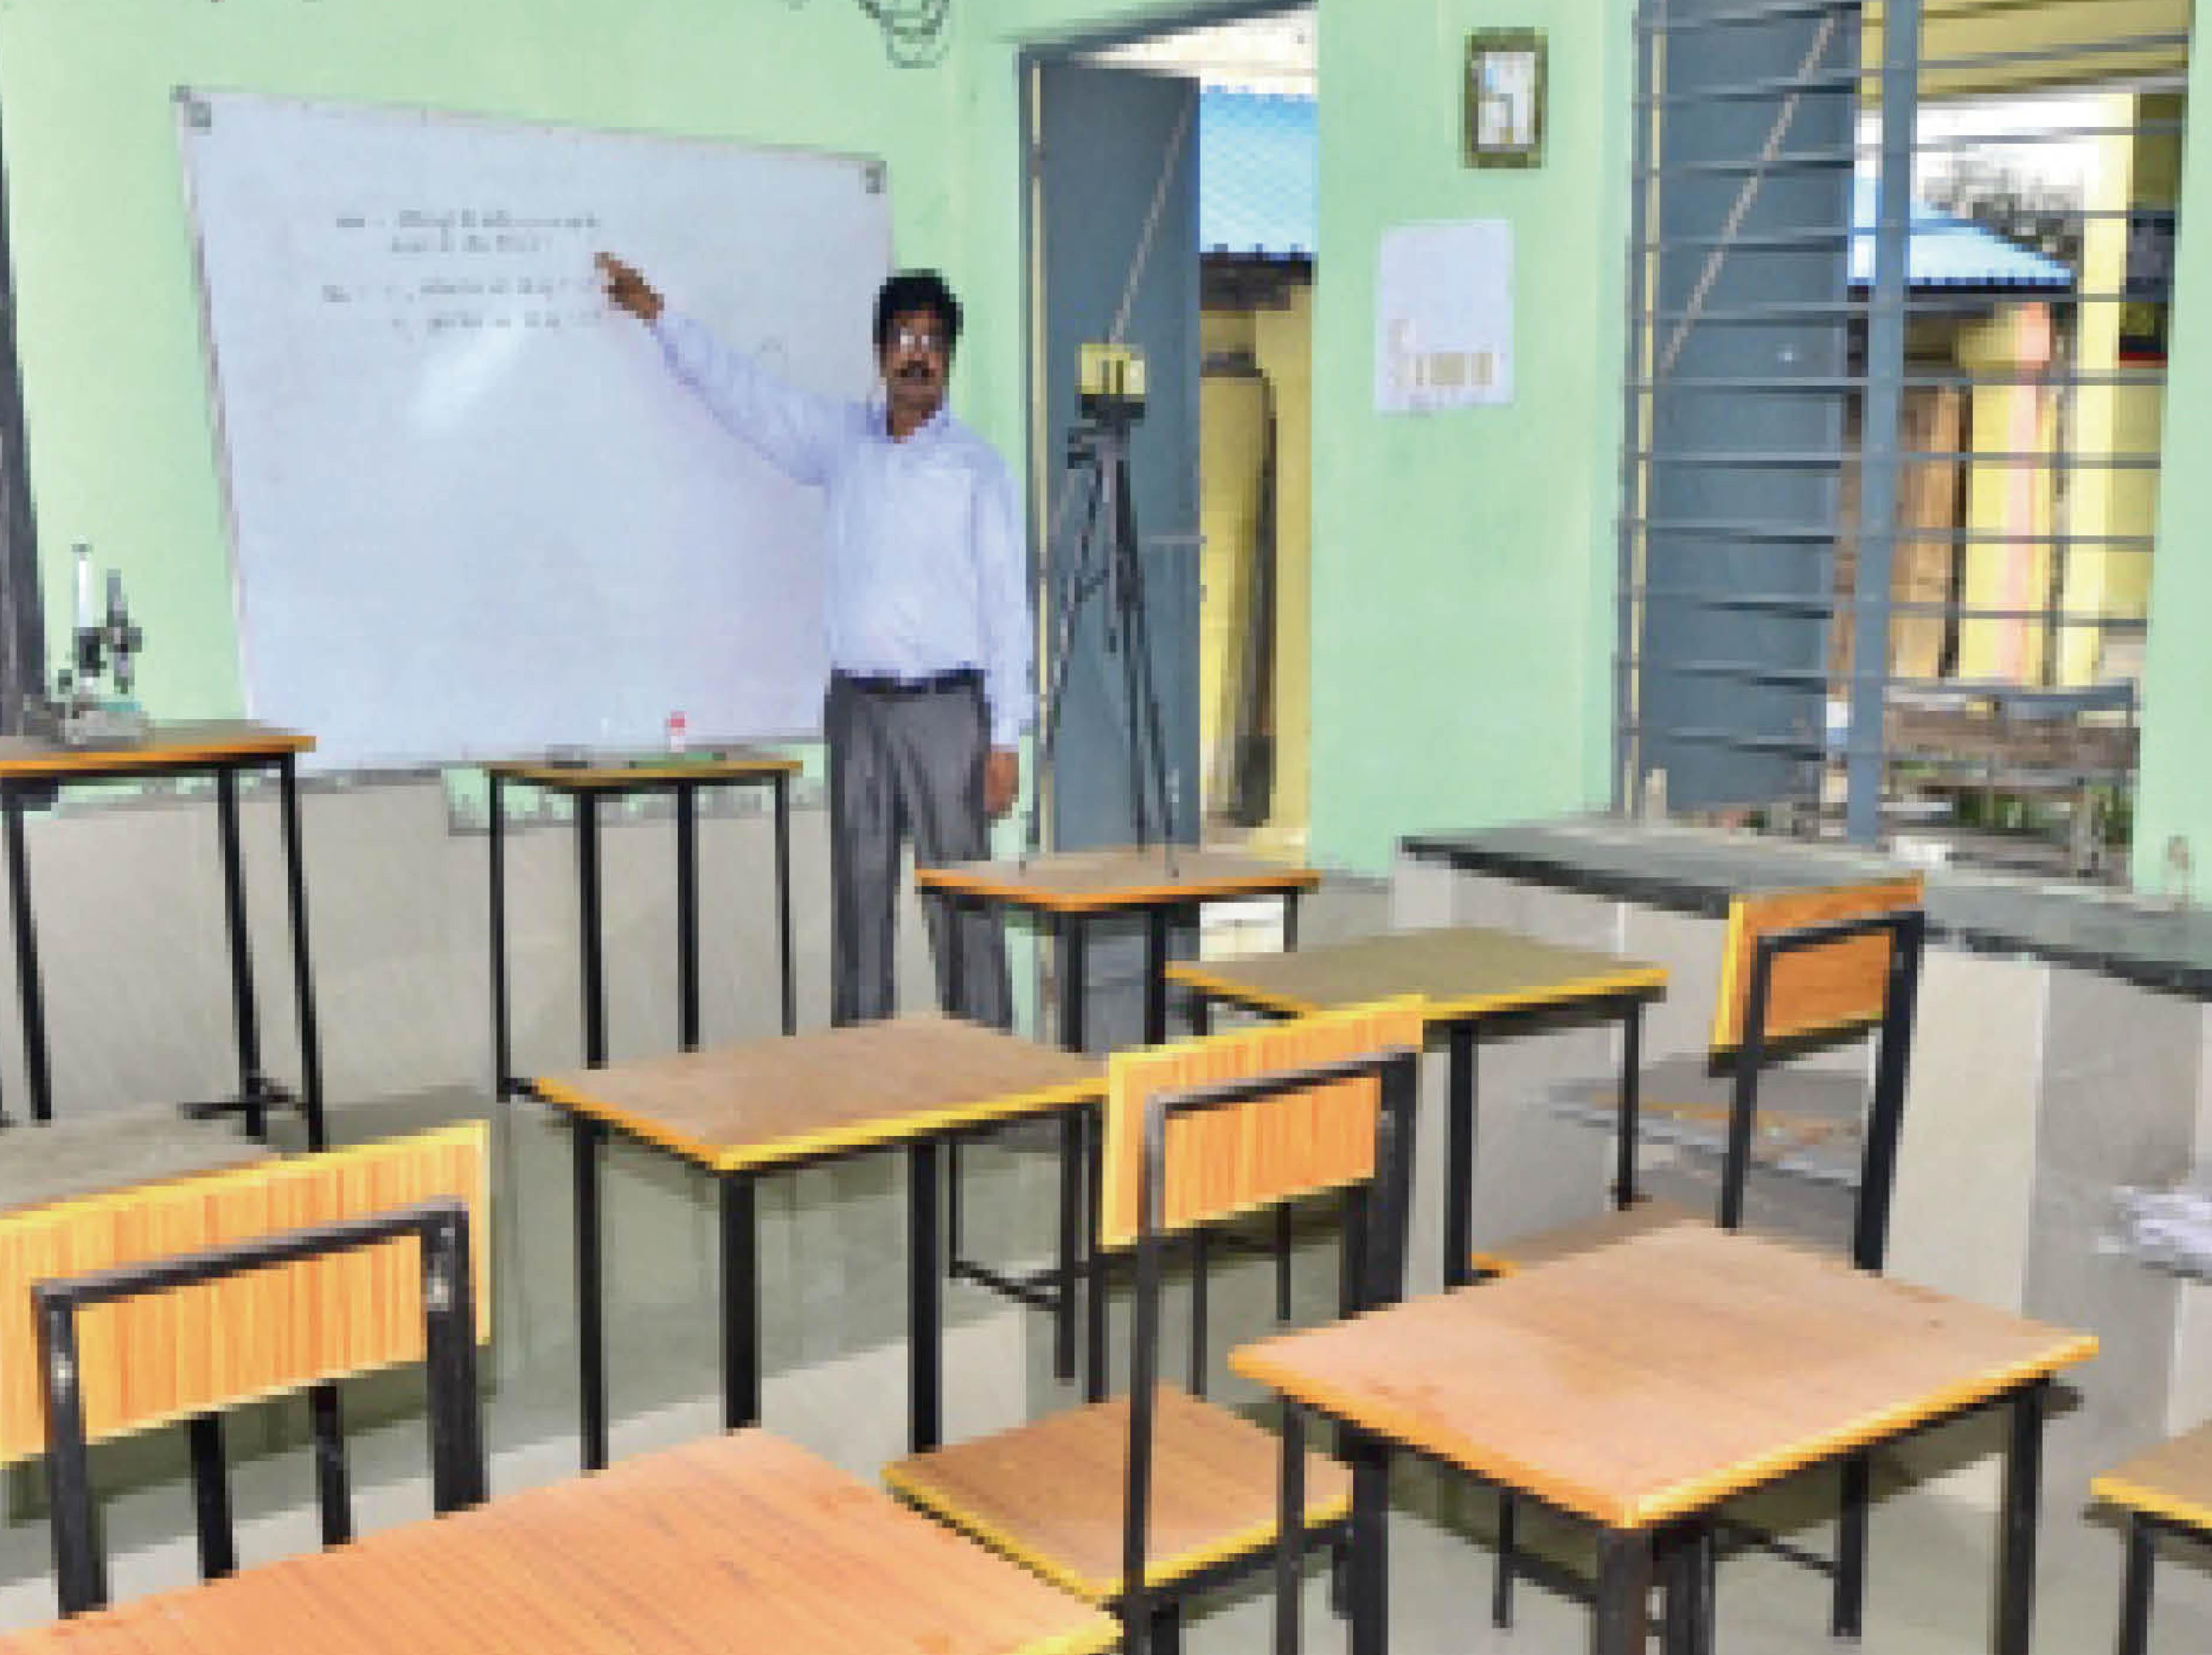 आठ राज्यों की स्टडी, शिक्षकाें का सर्वे, तब 2 से स्कूल और कॉलेज खोलने का फैसला|रायपुर,Raipur - Dainik Bhaskar